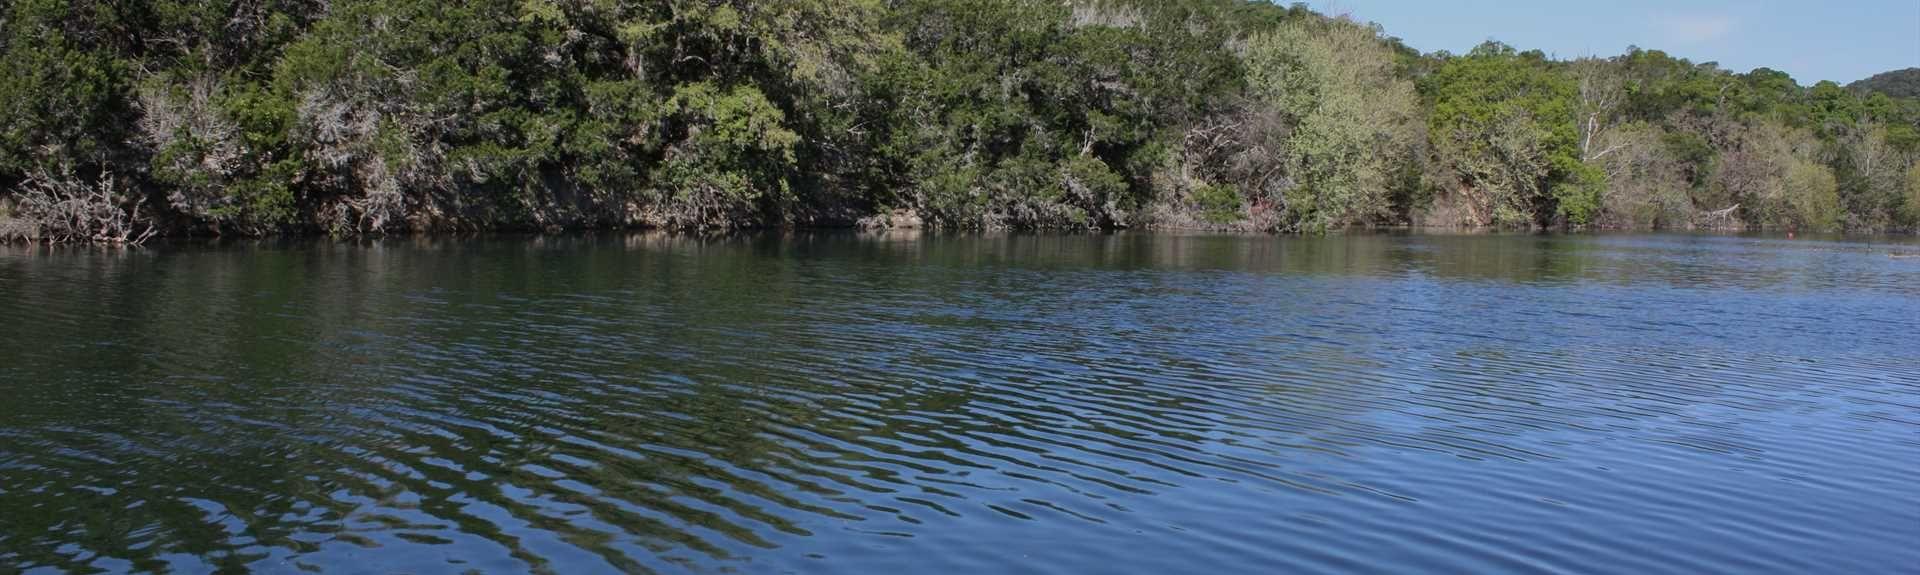 Área natural estatal Hill Country, Texas, Estados Unidos